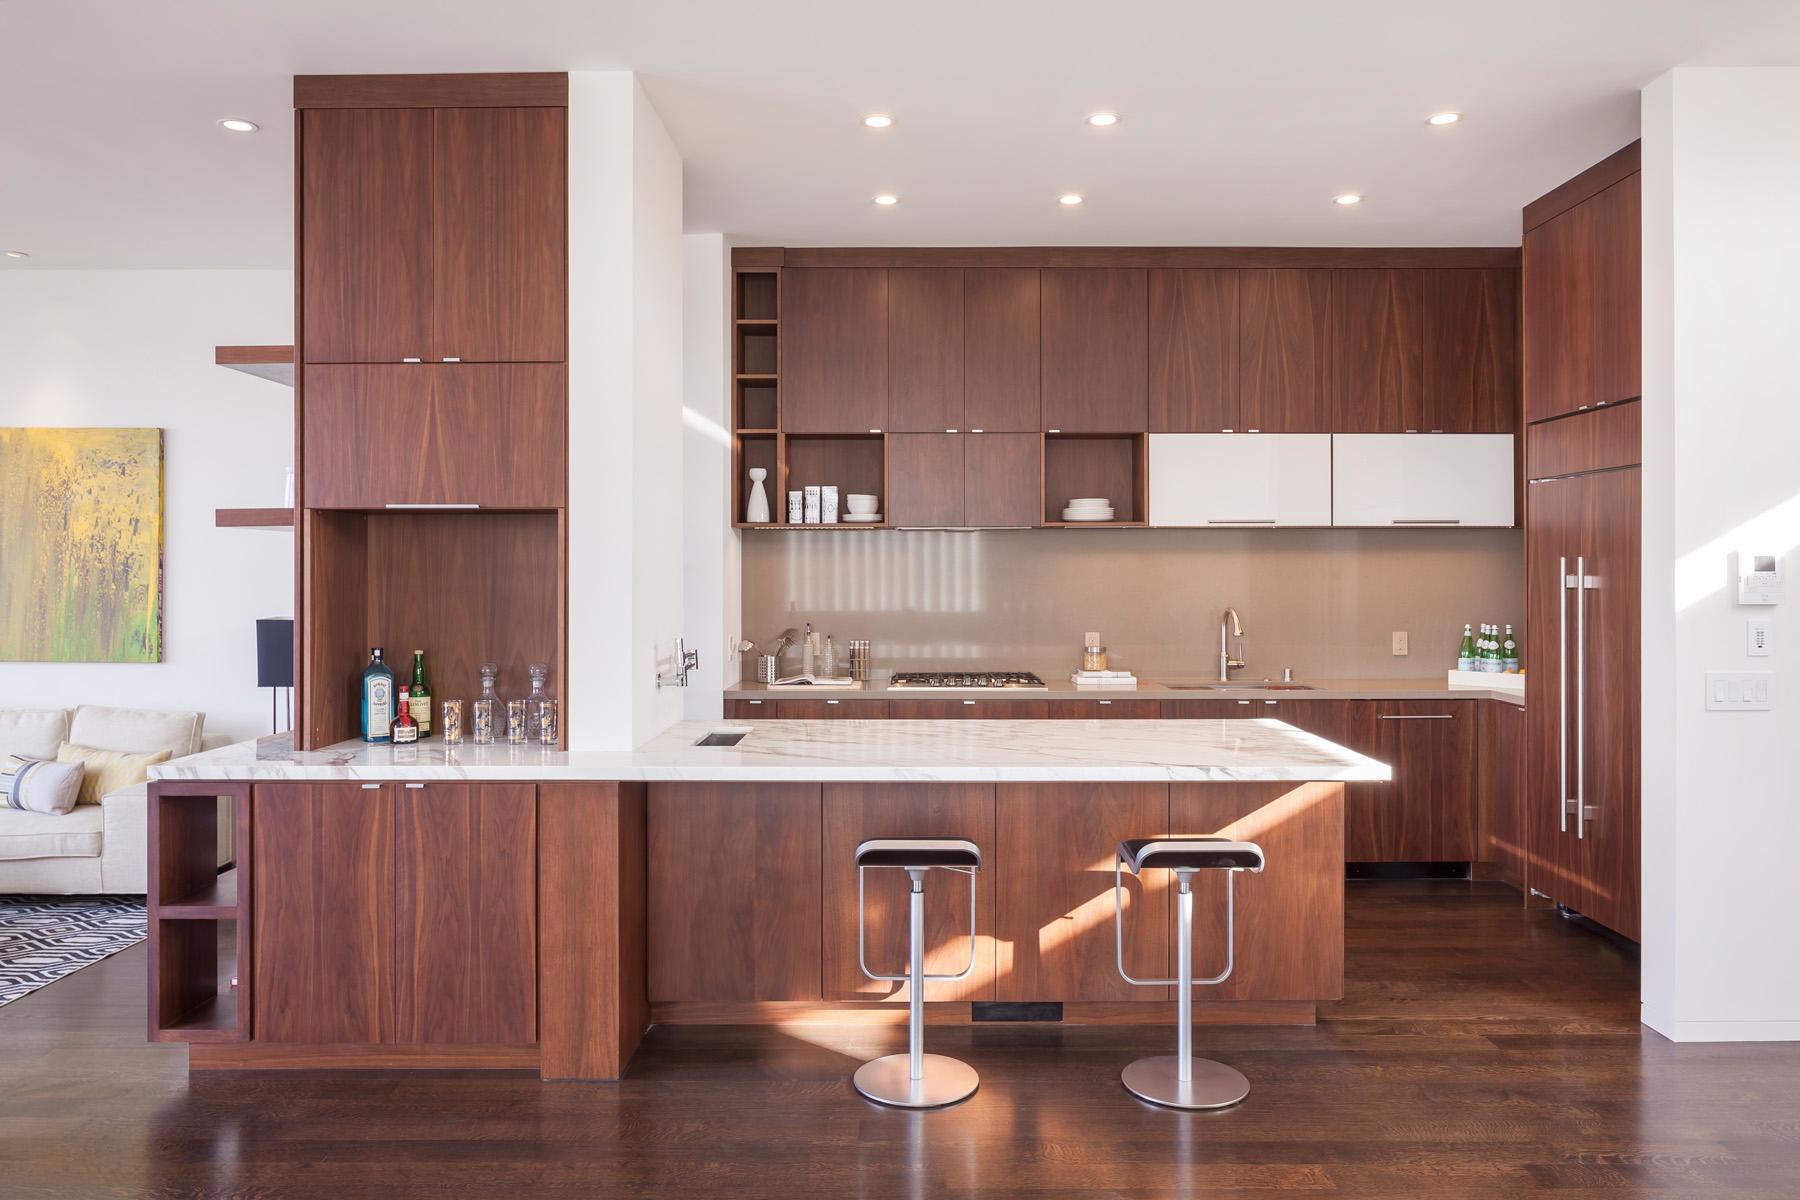 Upper_Kitchen_8641.jpg